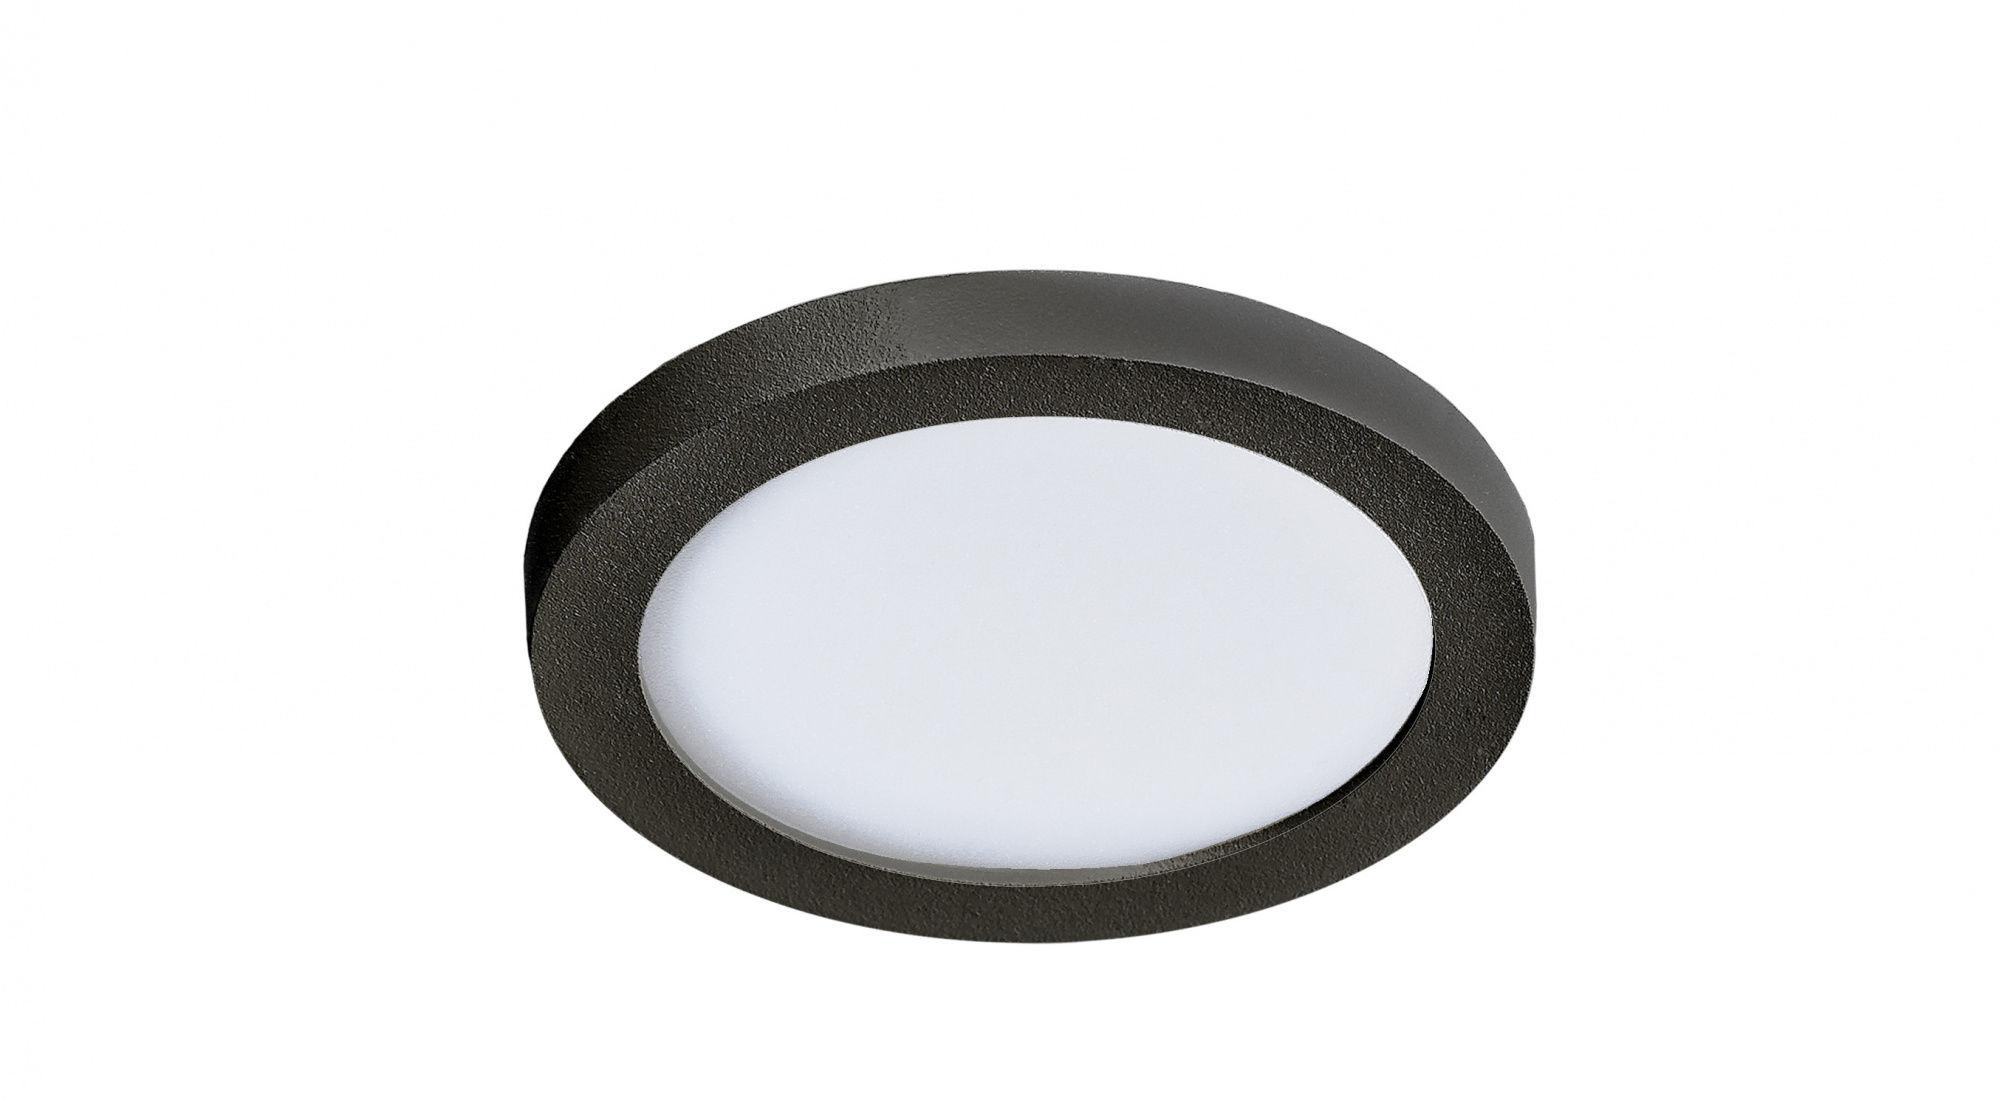 Plafon Slim round 9 AZzardo czarna oprawa w nowoczesnym stylu